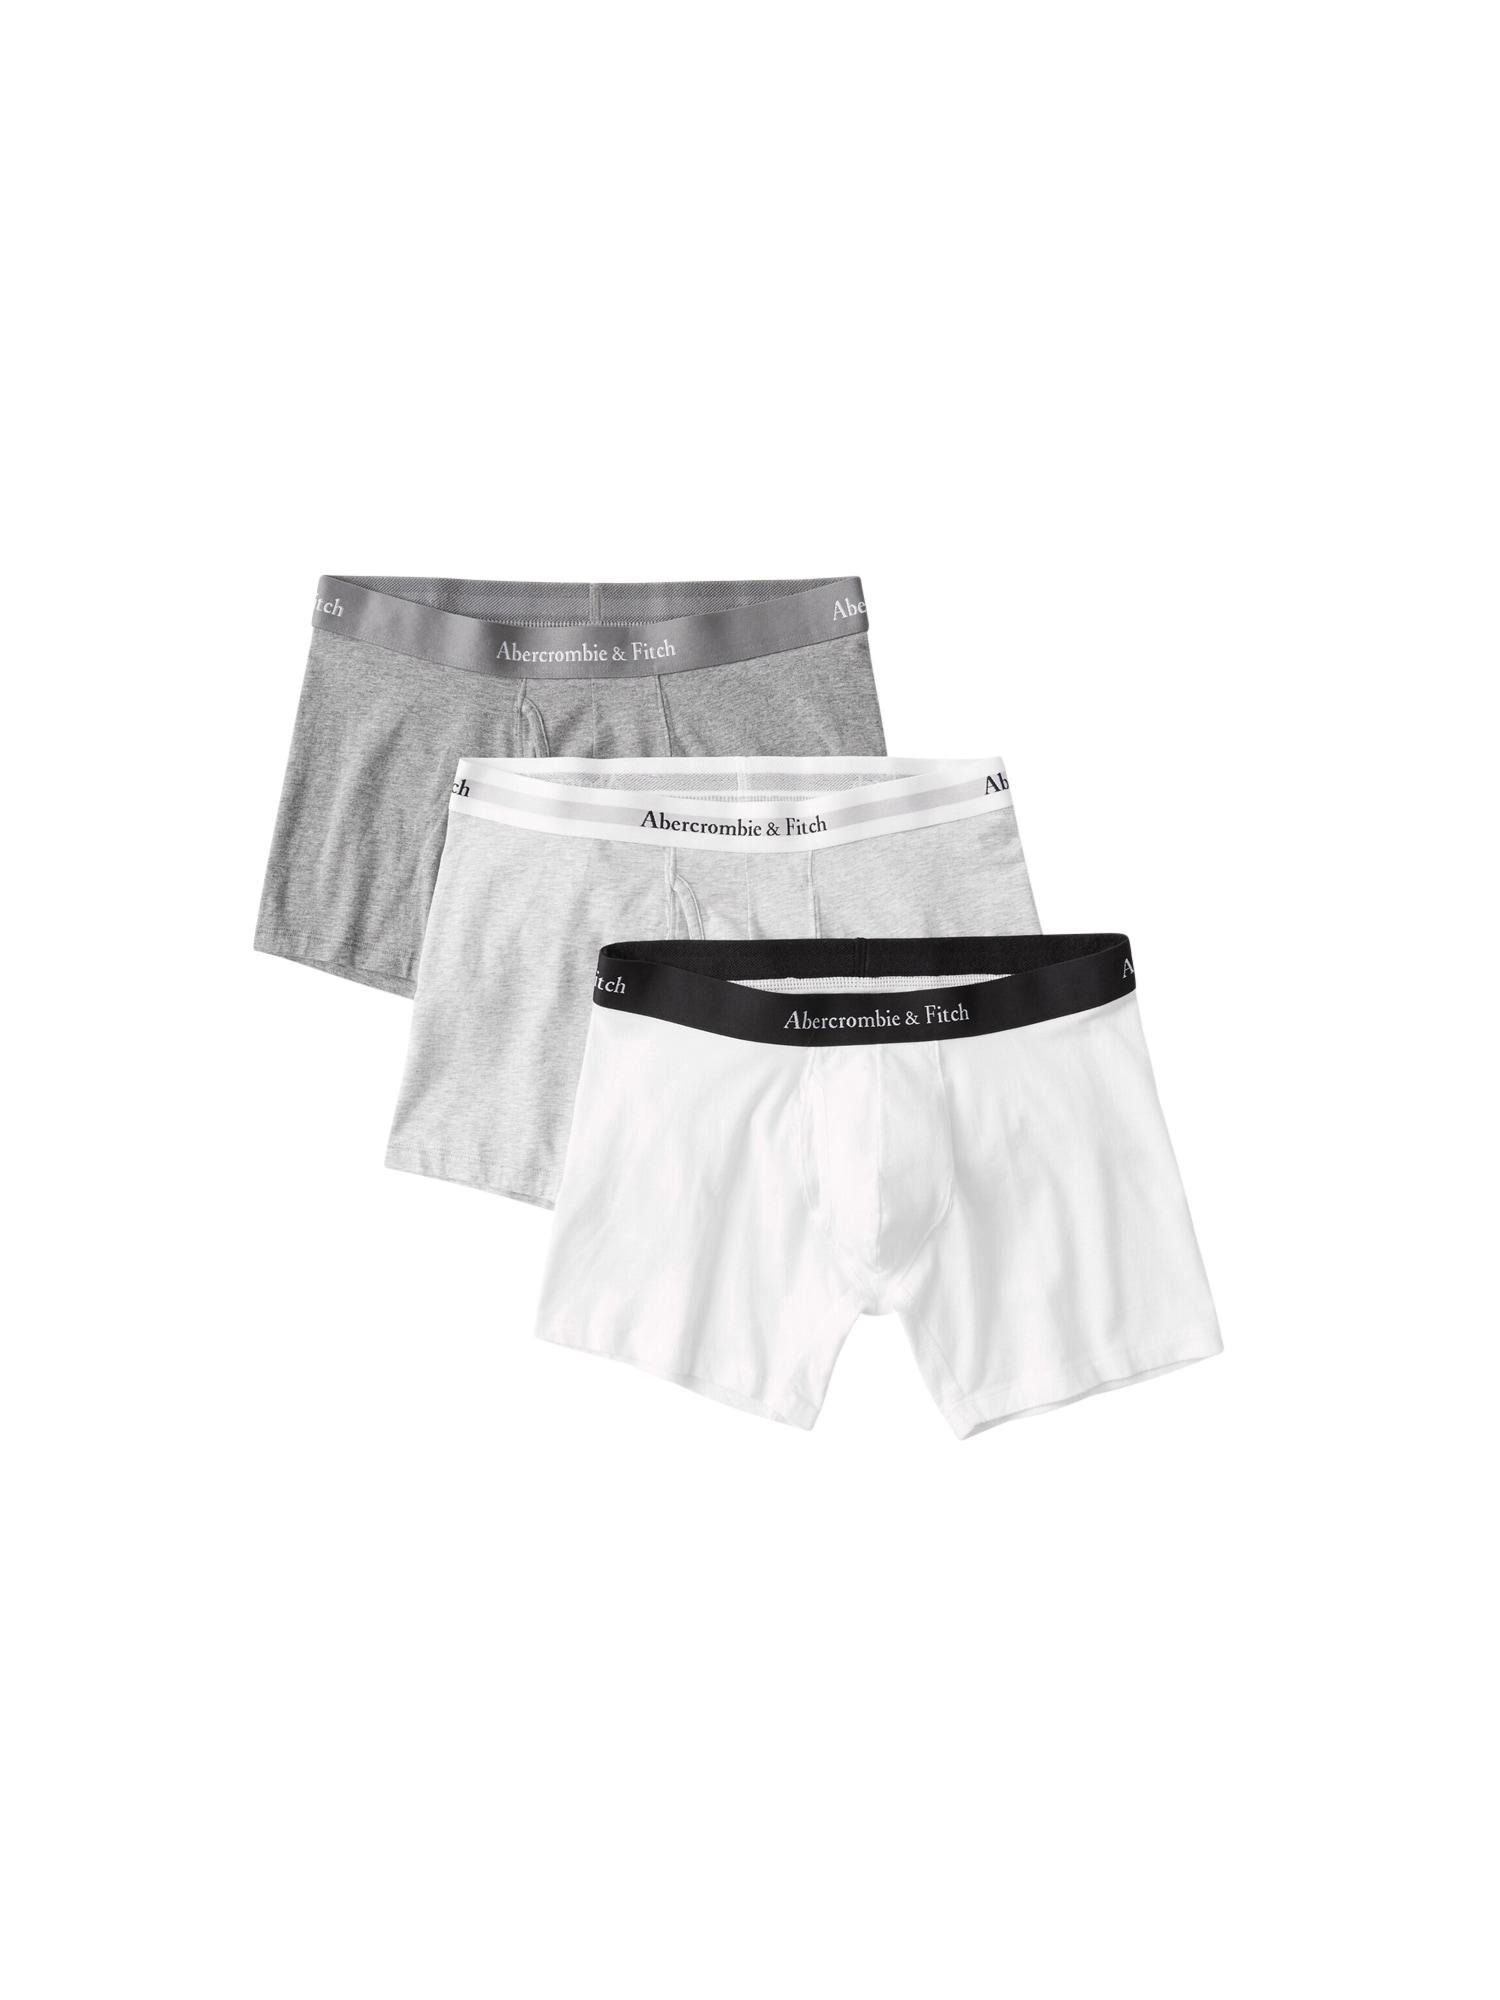 Abercrombie & Fitch Boxerky  sivá / svetlosivá